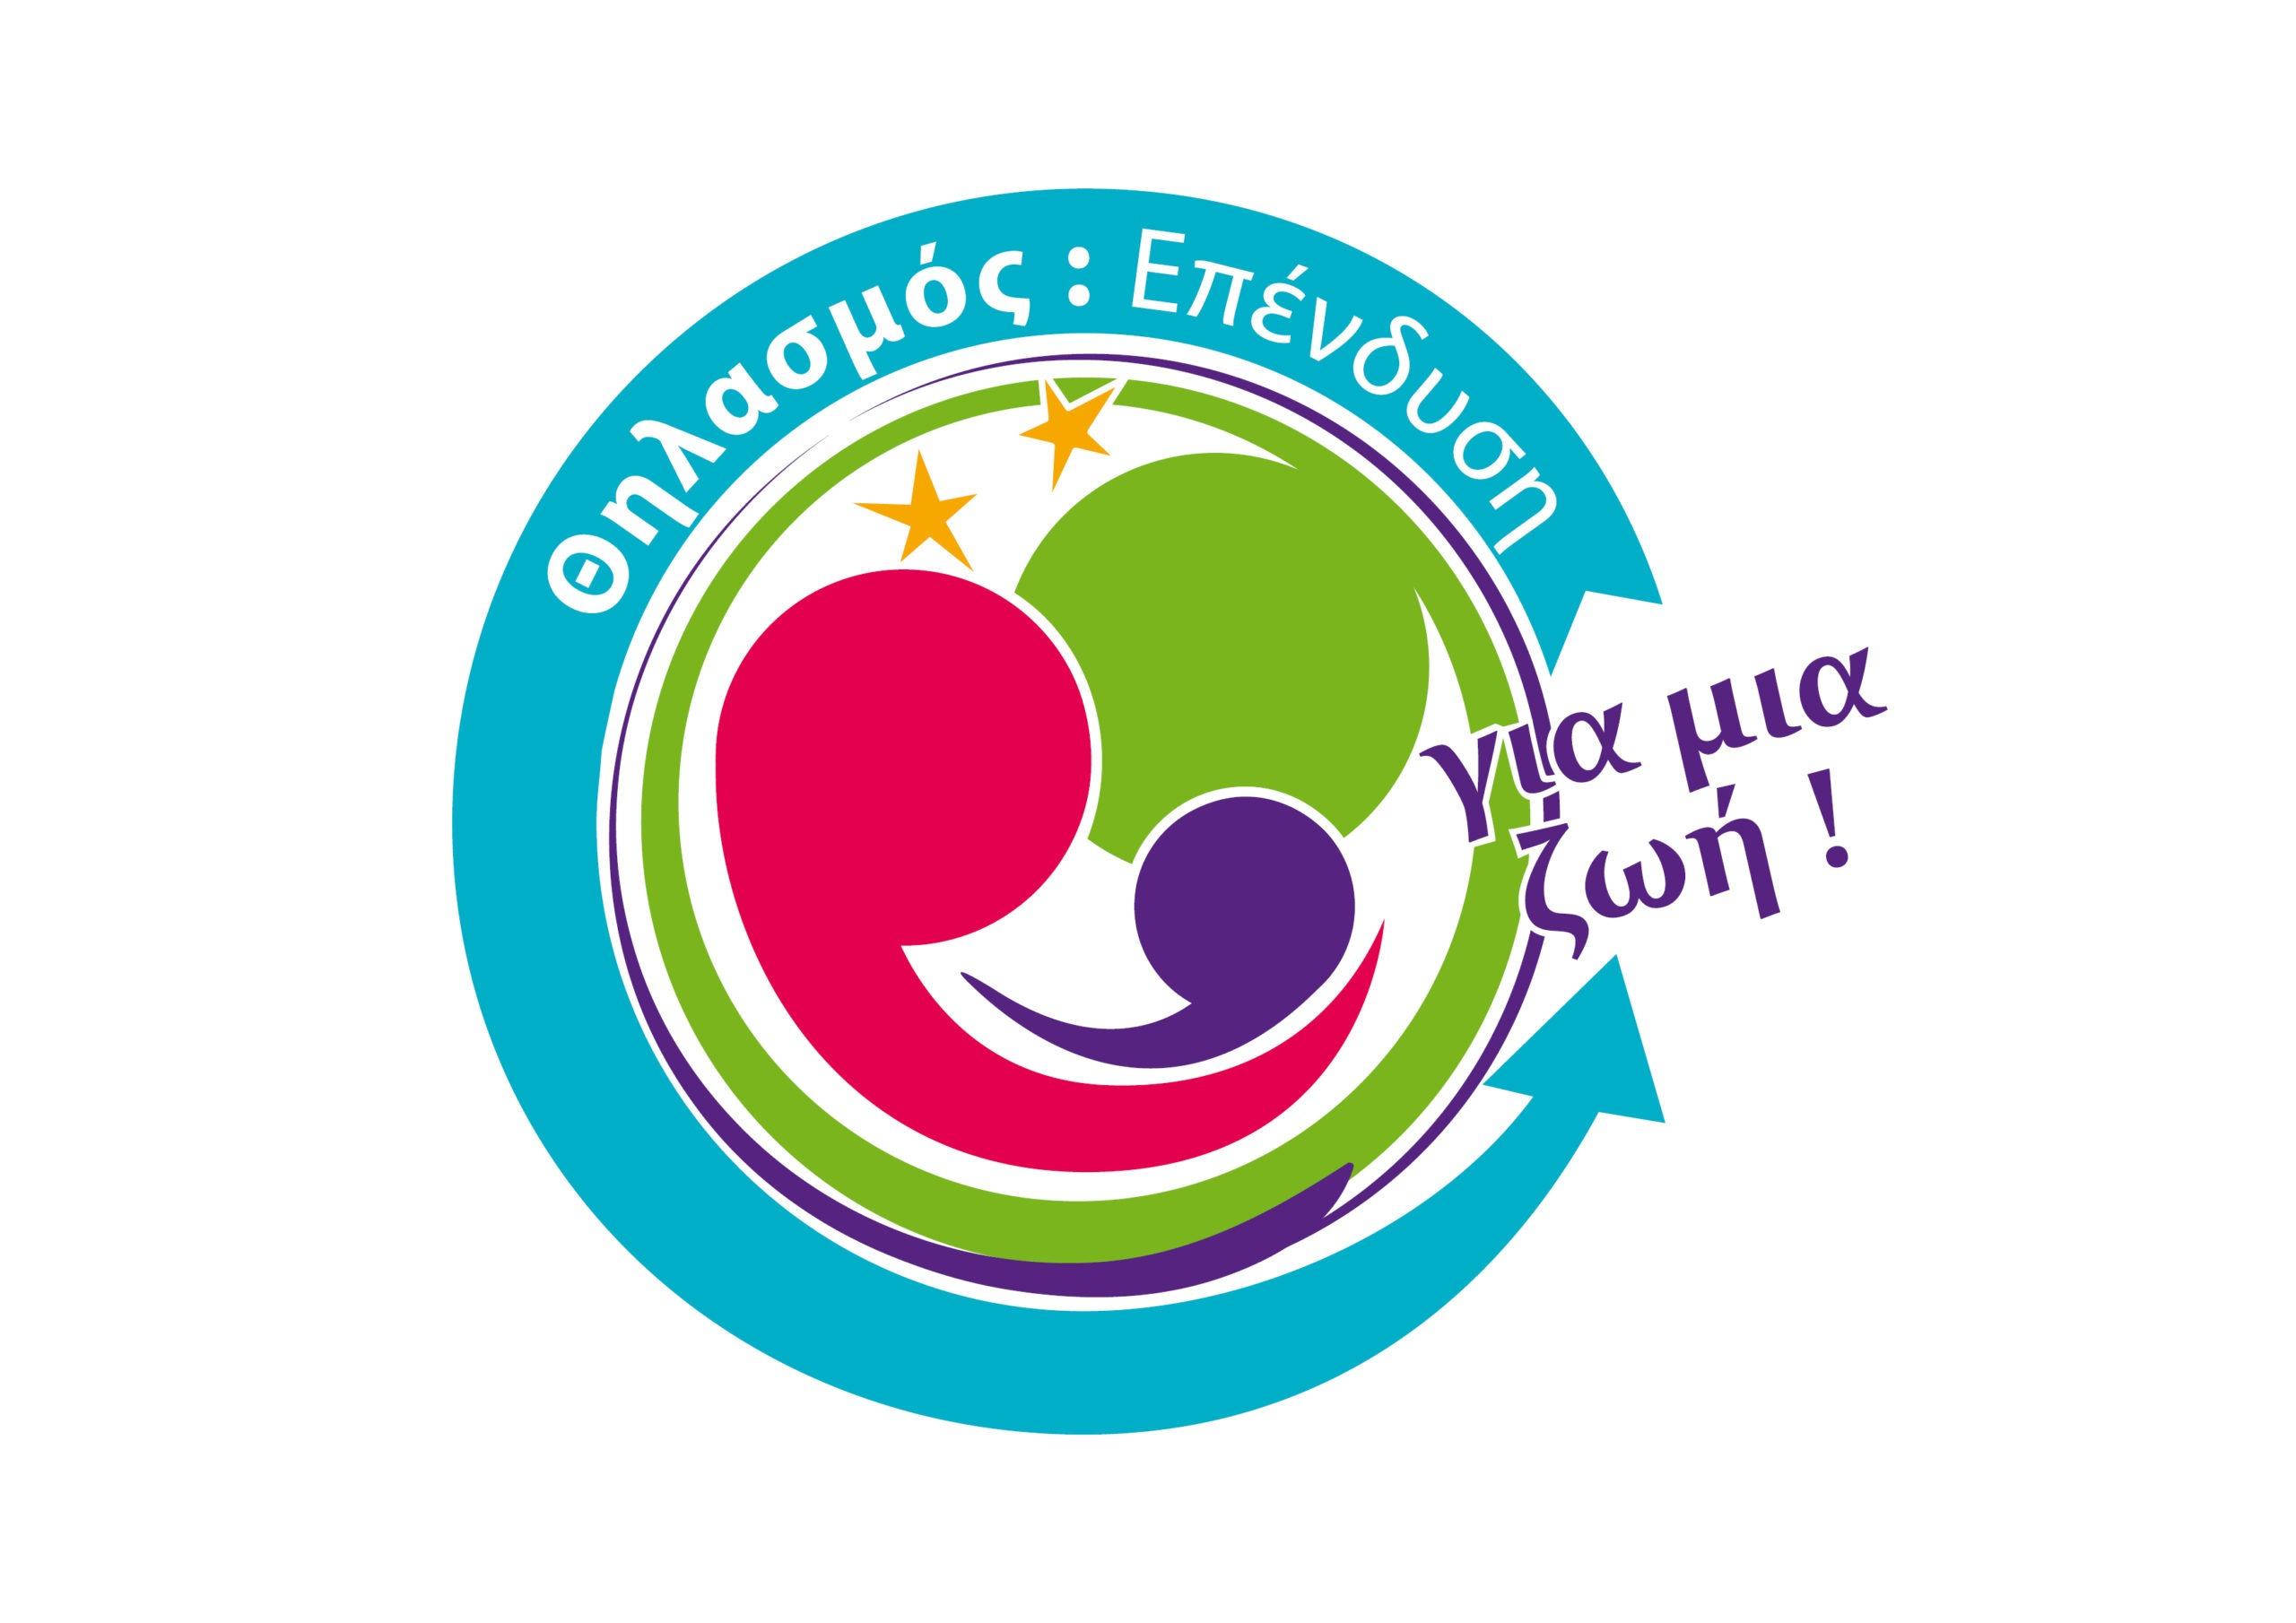 Δήλωση του διευθυντή της UNICEF Anthony Lake για την Παγκόσμια Εβδομάδα Μητρικού Θηλασμού 2014